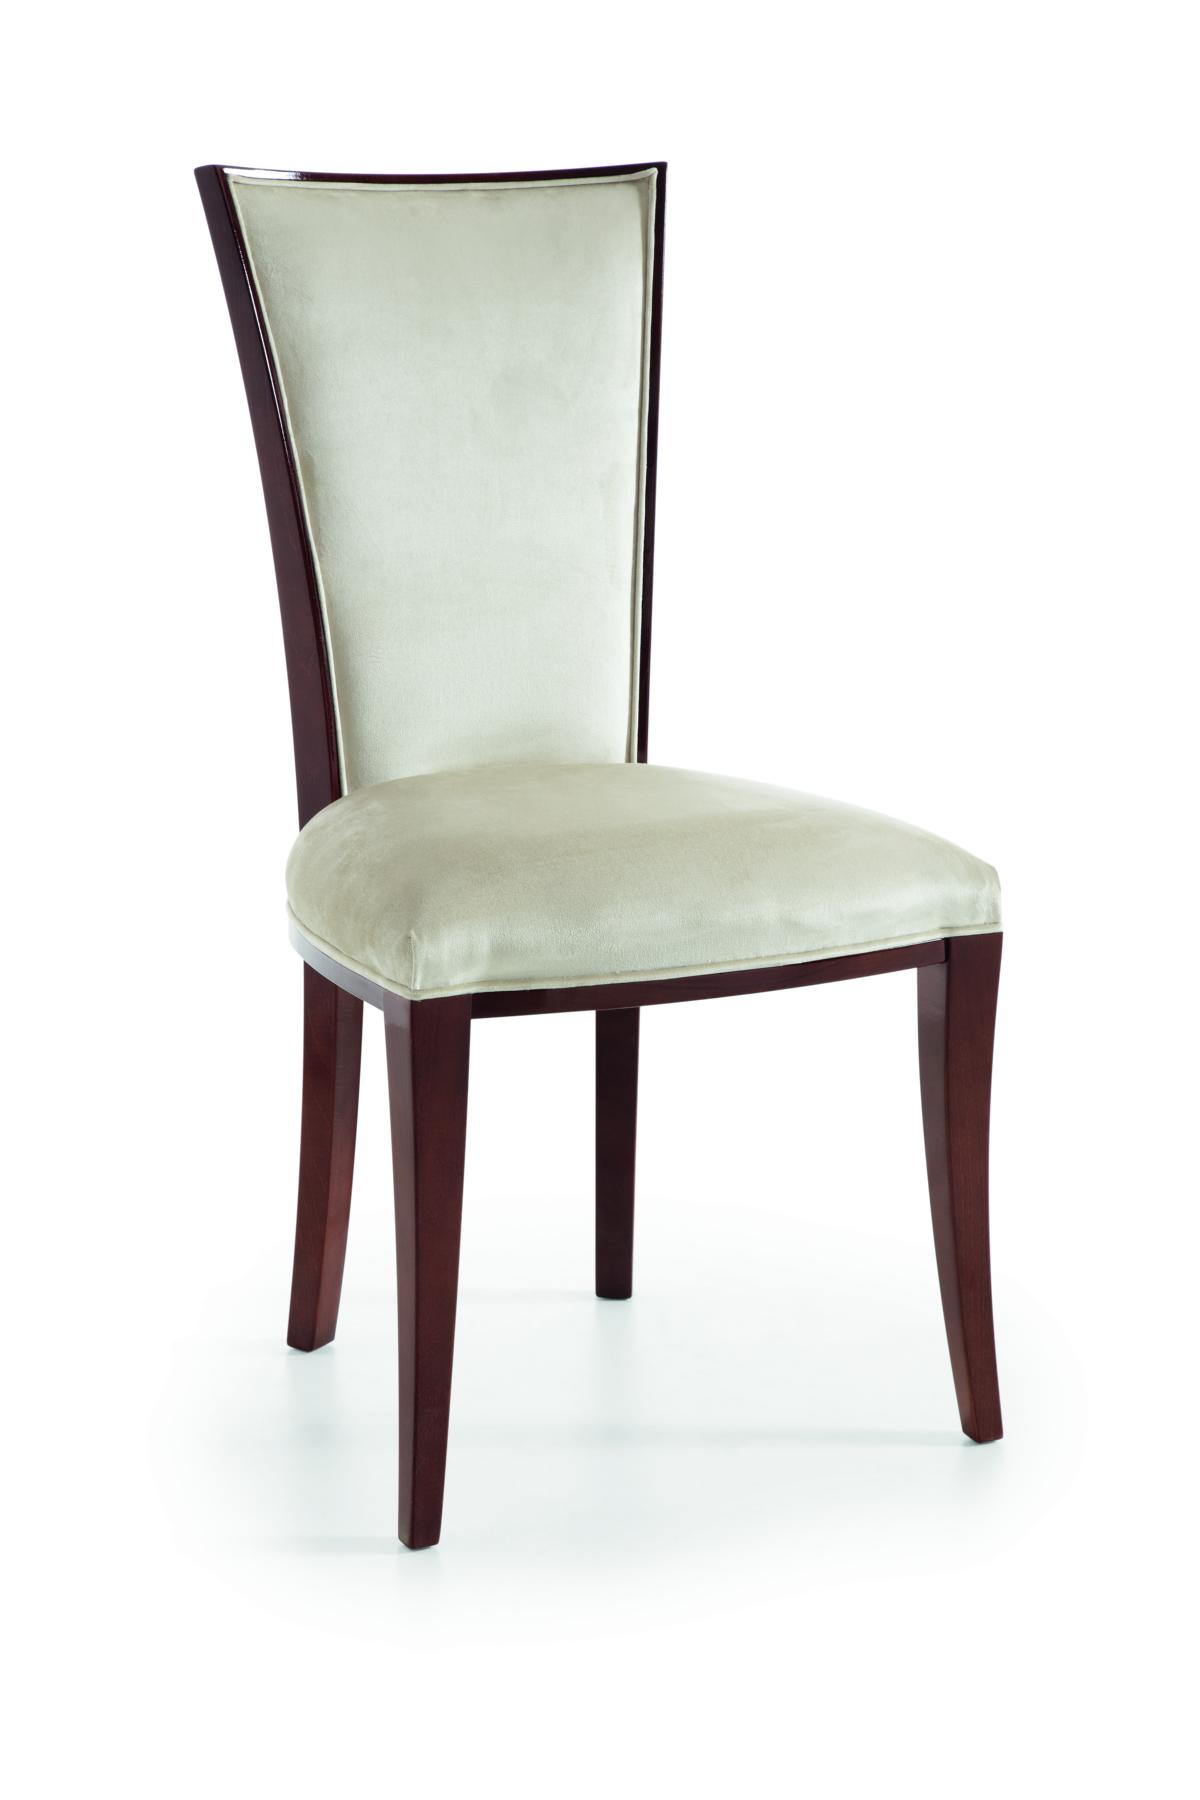 designer esszimmerst hle kaufen essstuhl design. Black Bedroom Furniture Sets. Home Design Ideas